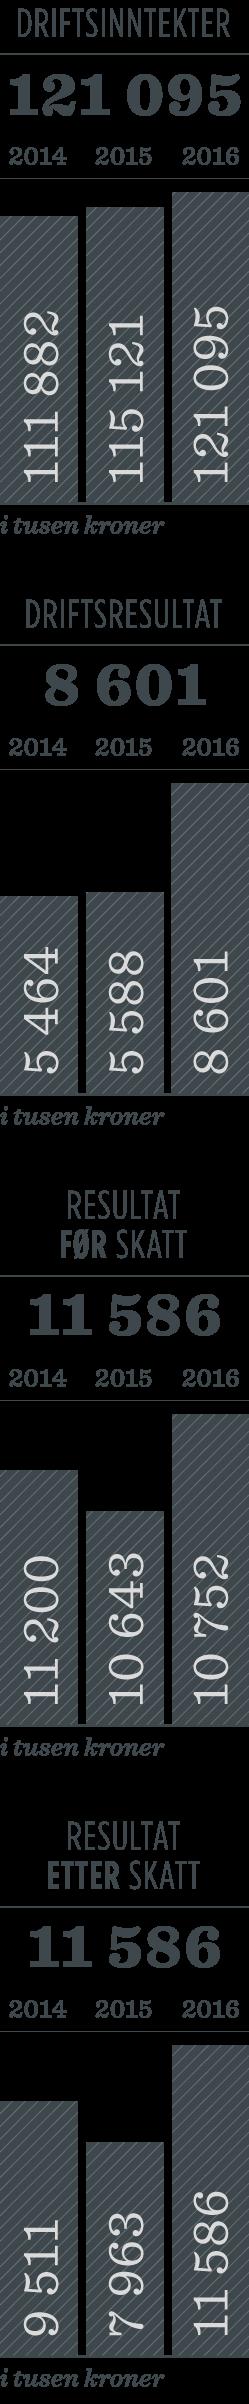 Regnskapstall morselskapet Iris Salten IKS